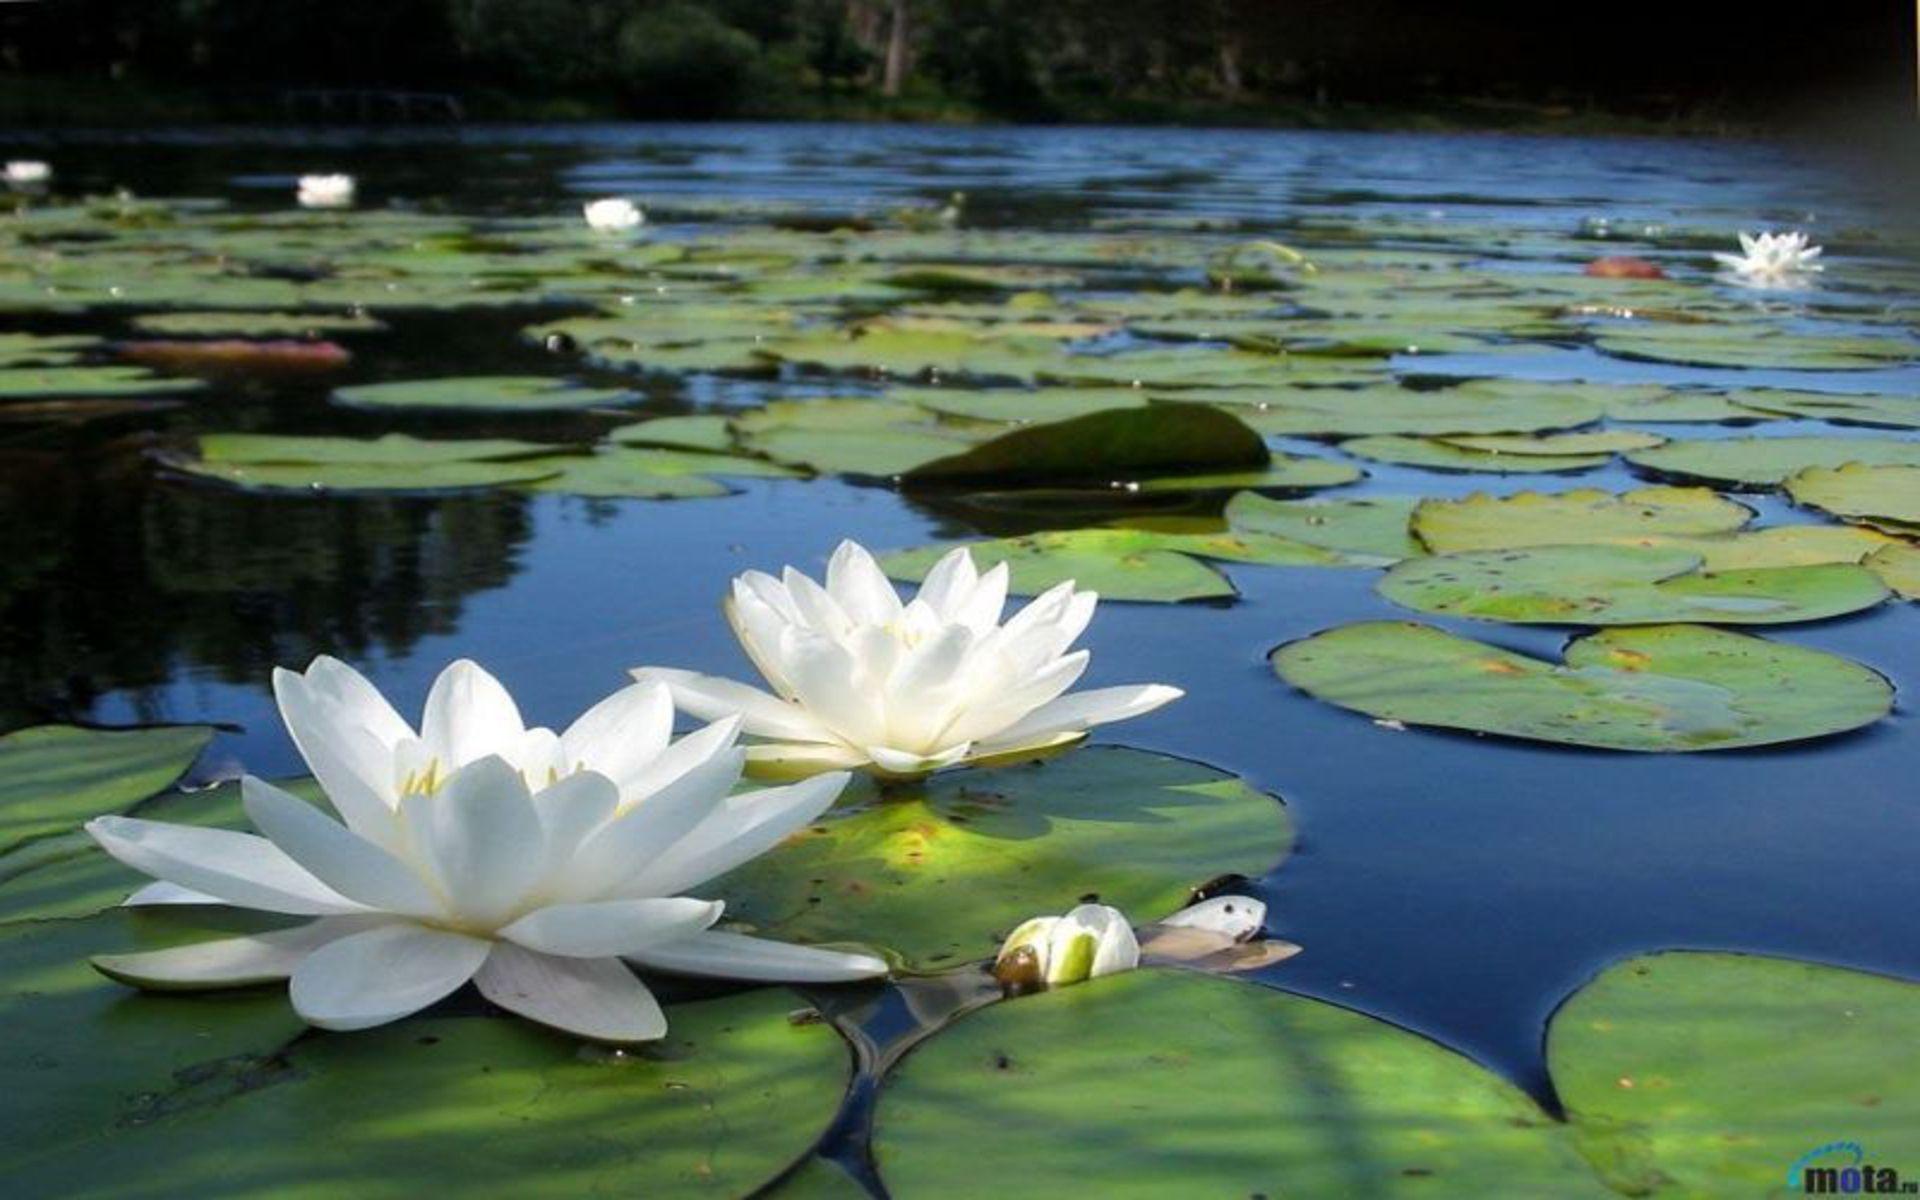 Koi fish pond lotus flower google search koi fish pond for Koi fish pond lotus